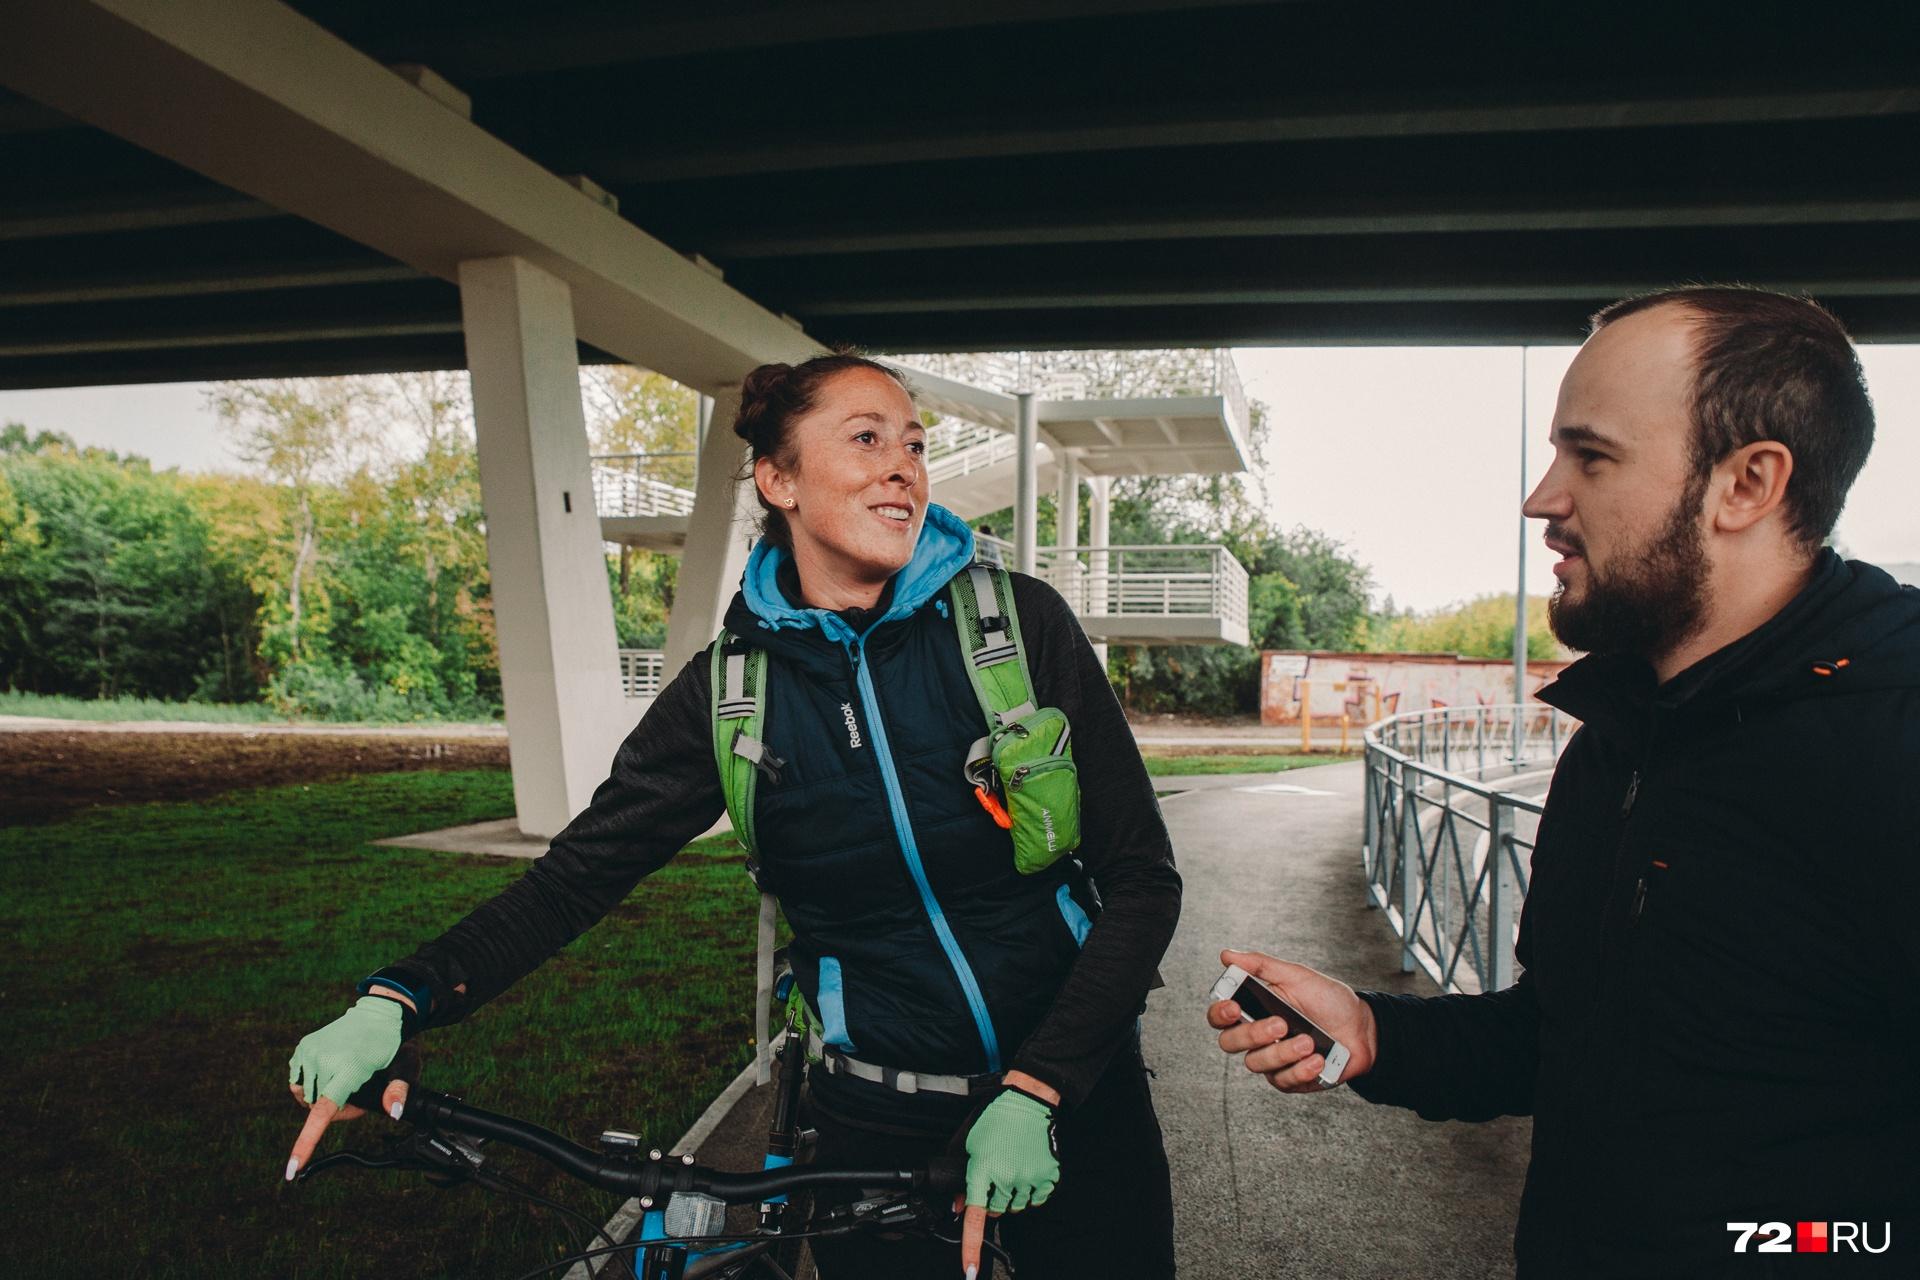 Велосипедистка Гузель каждый день ездит через путепровод на Мельникайте. Говорит, что передвигаться удобно